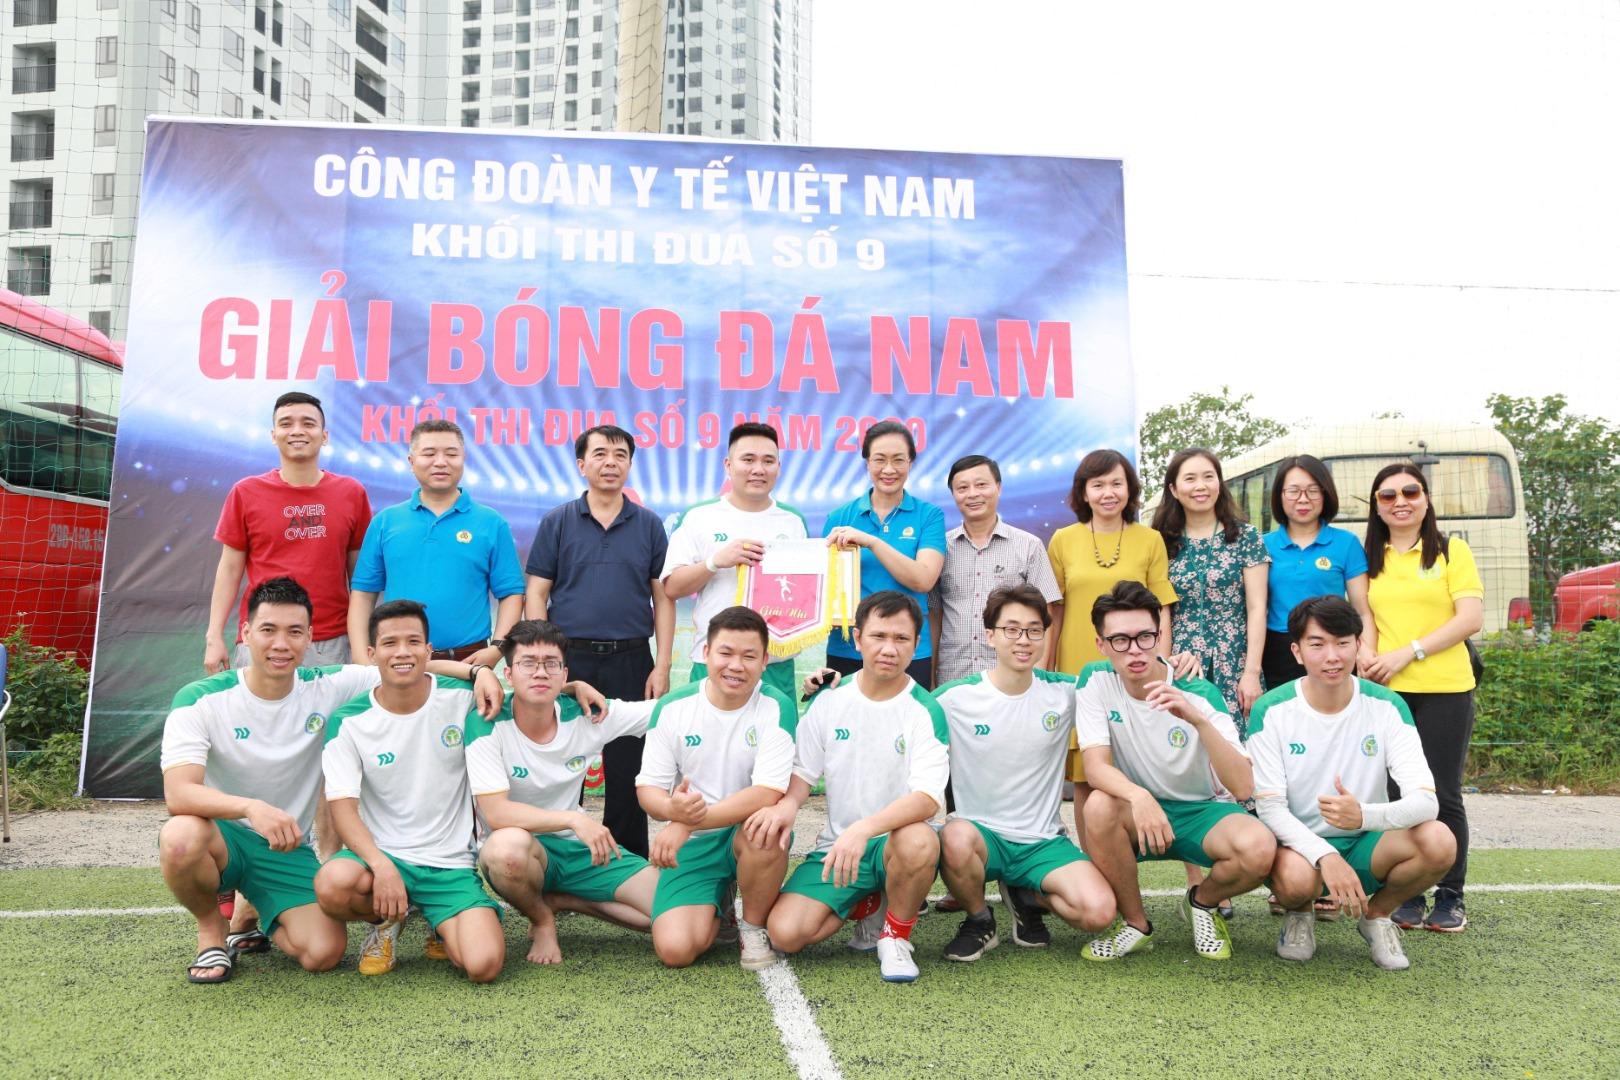 Lễ Bế mạc và trao thưởng Giải Bóng đá nam năm 2020 Khối Thi đua số 9 - Công đoàn Y tế Việt Nam